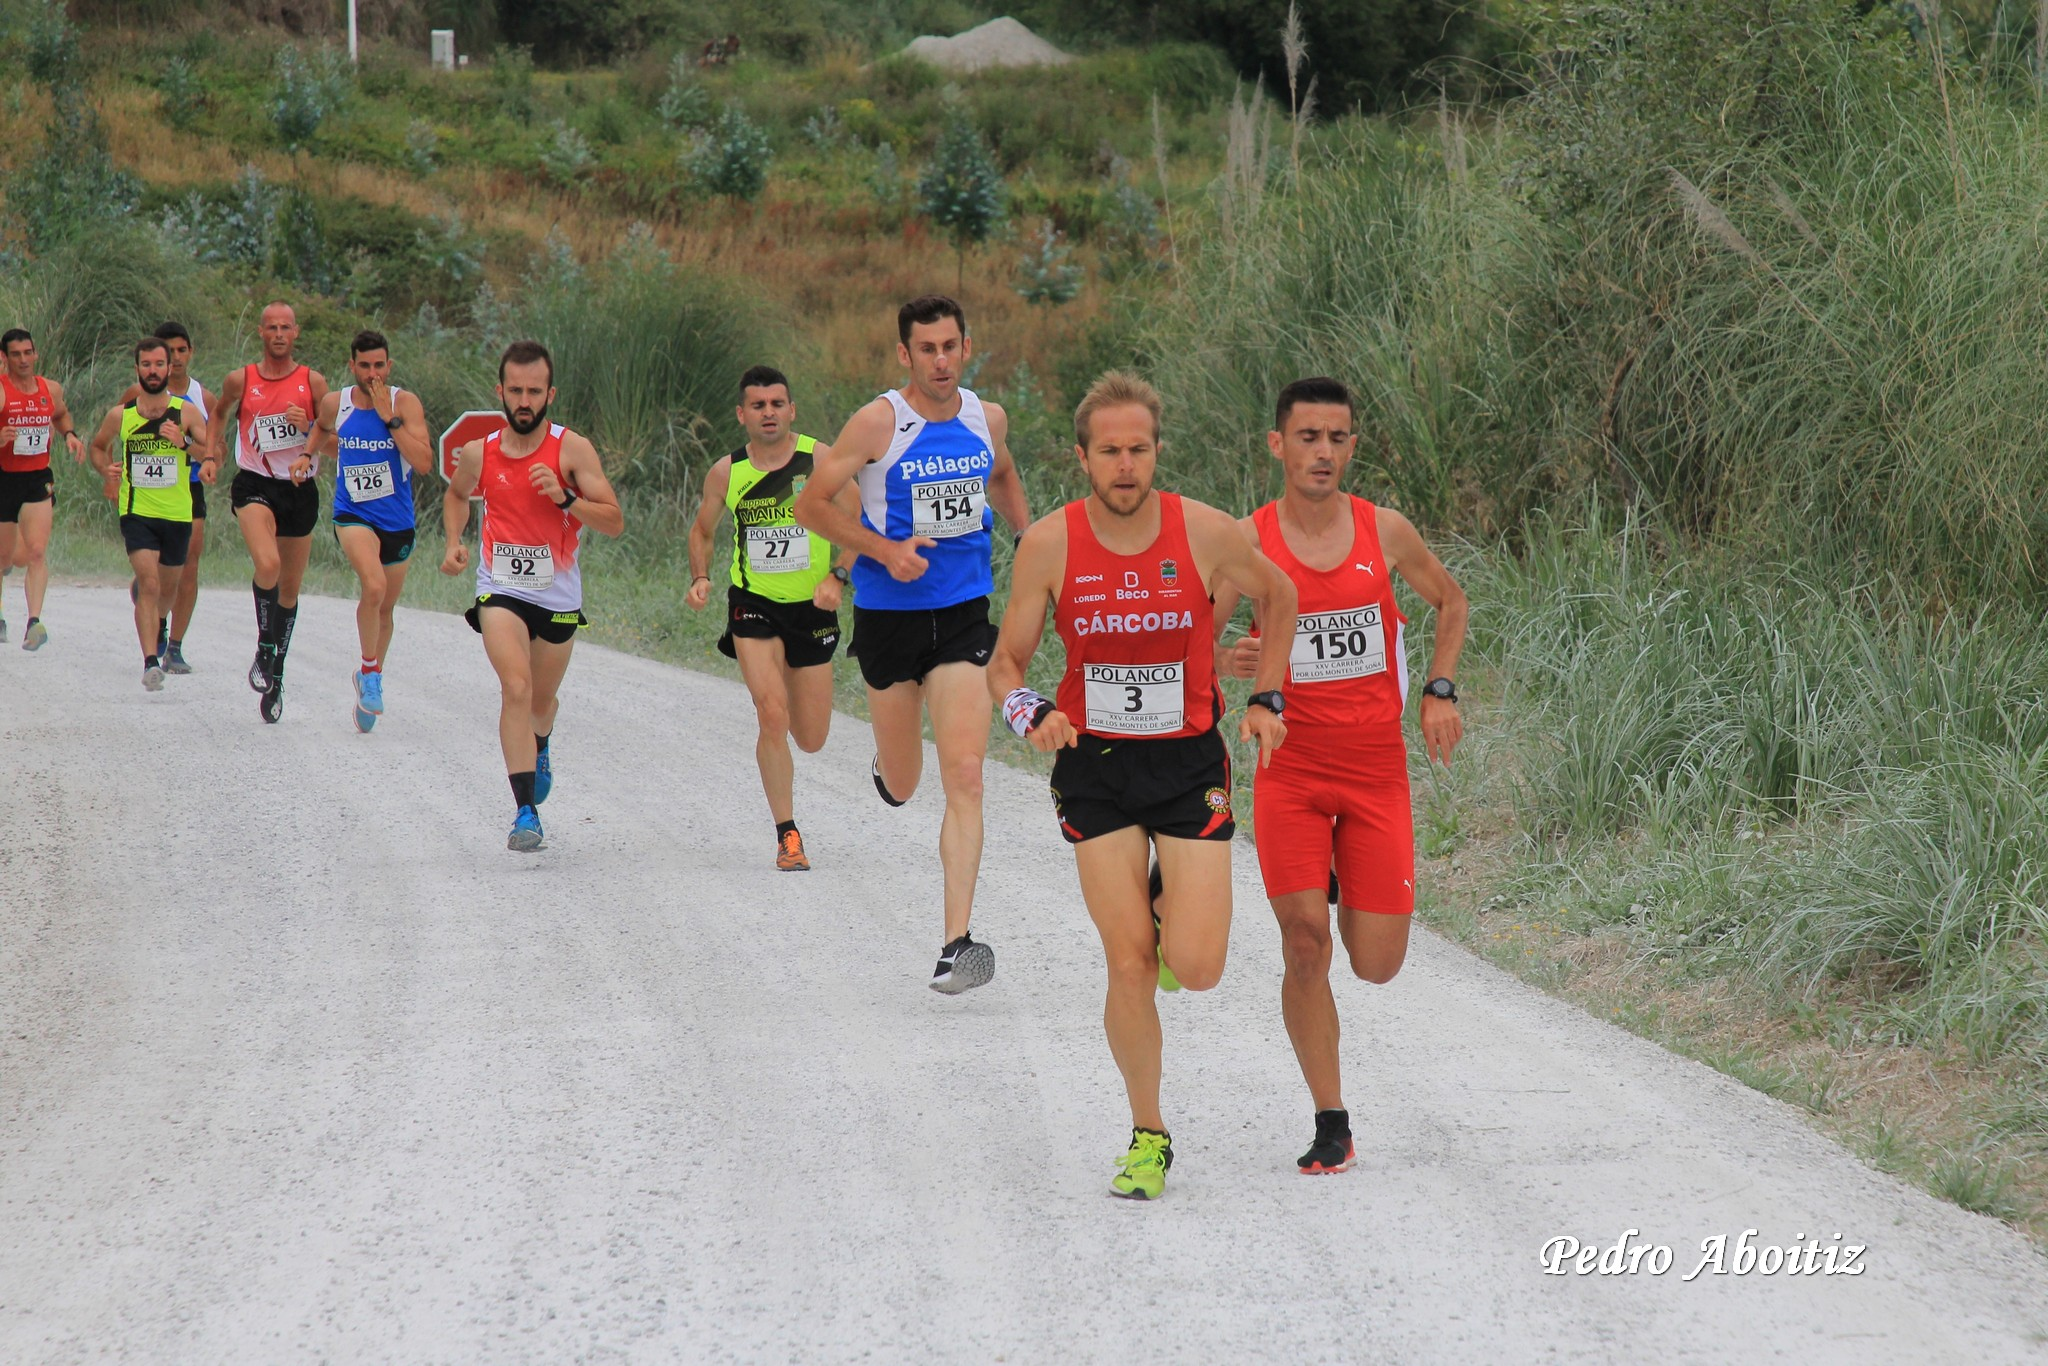 2019-07-21 XXV Carrera por los montes de Soña 053